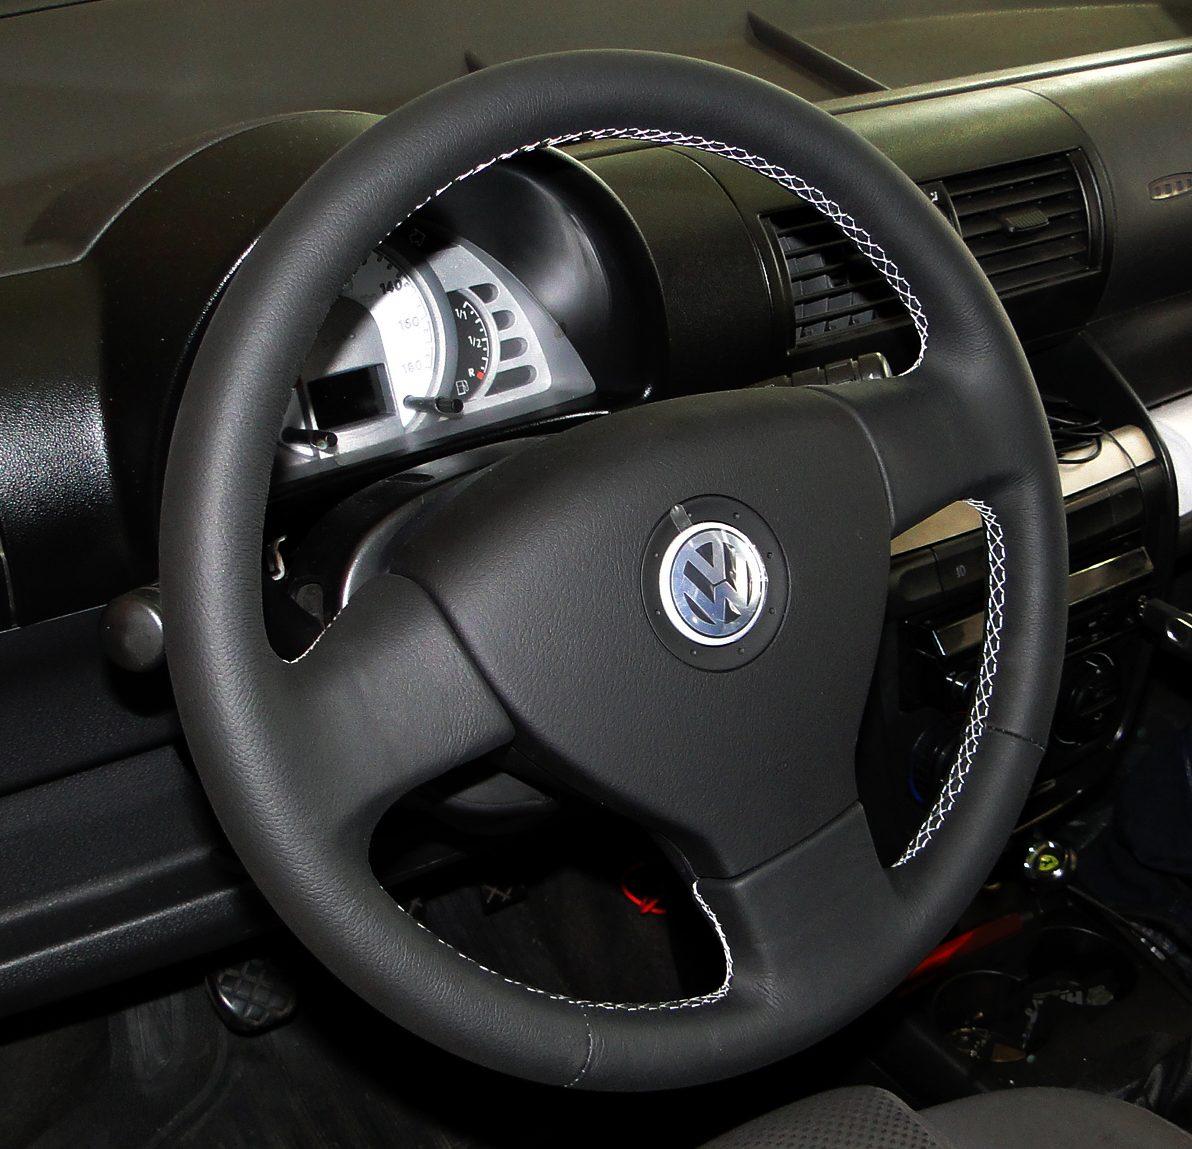 volante-esportivo-original-volkswagen-no